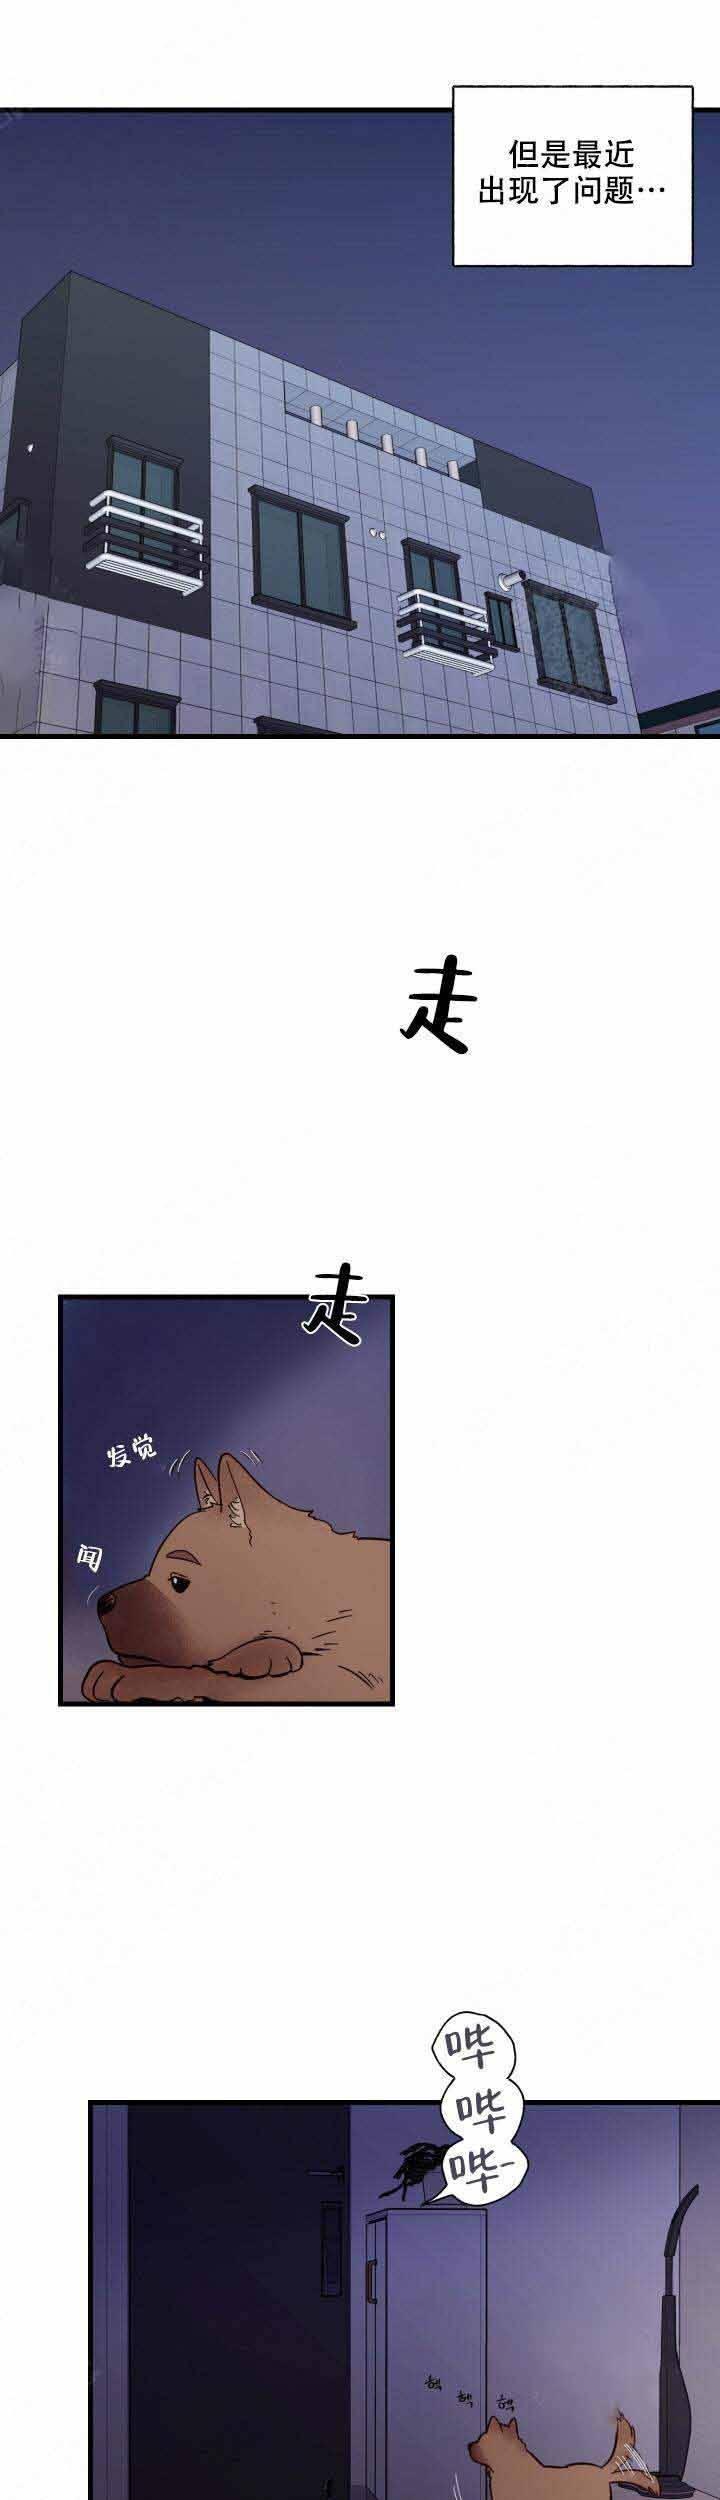 漫画《主人的主人》